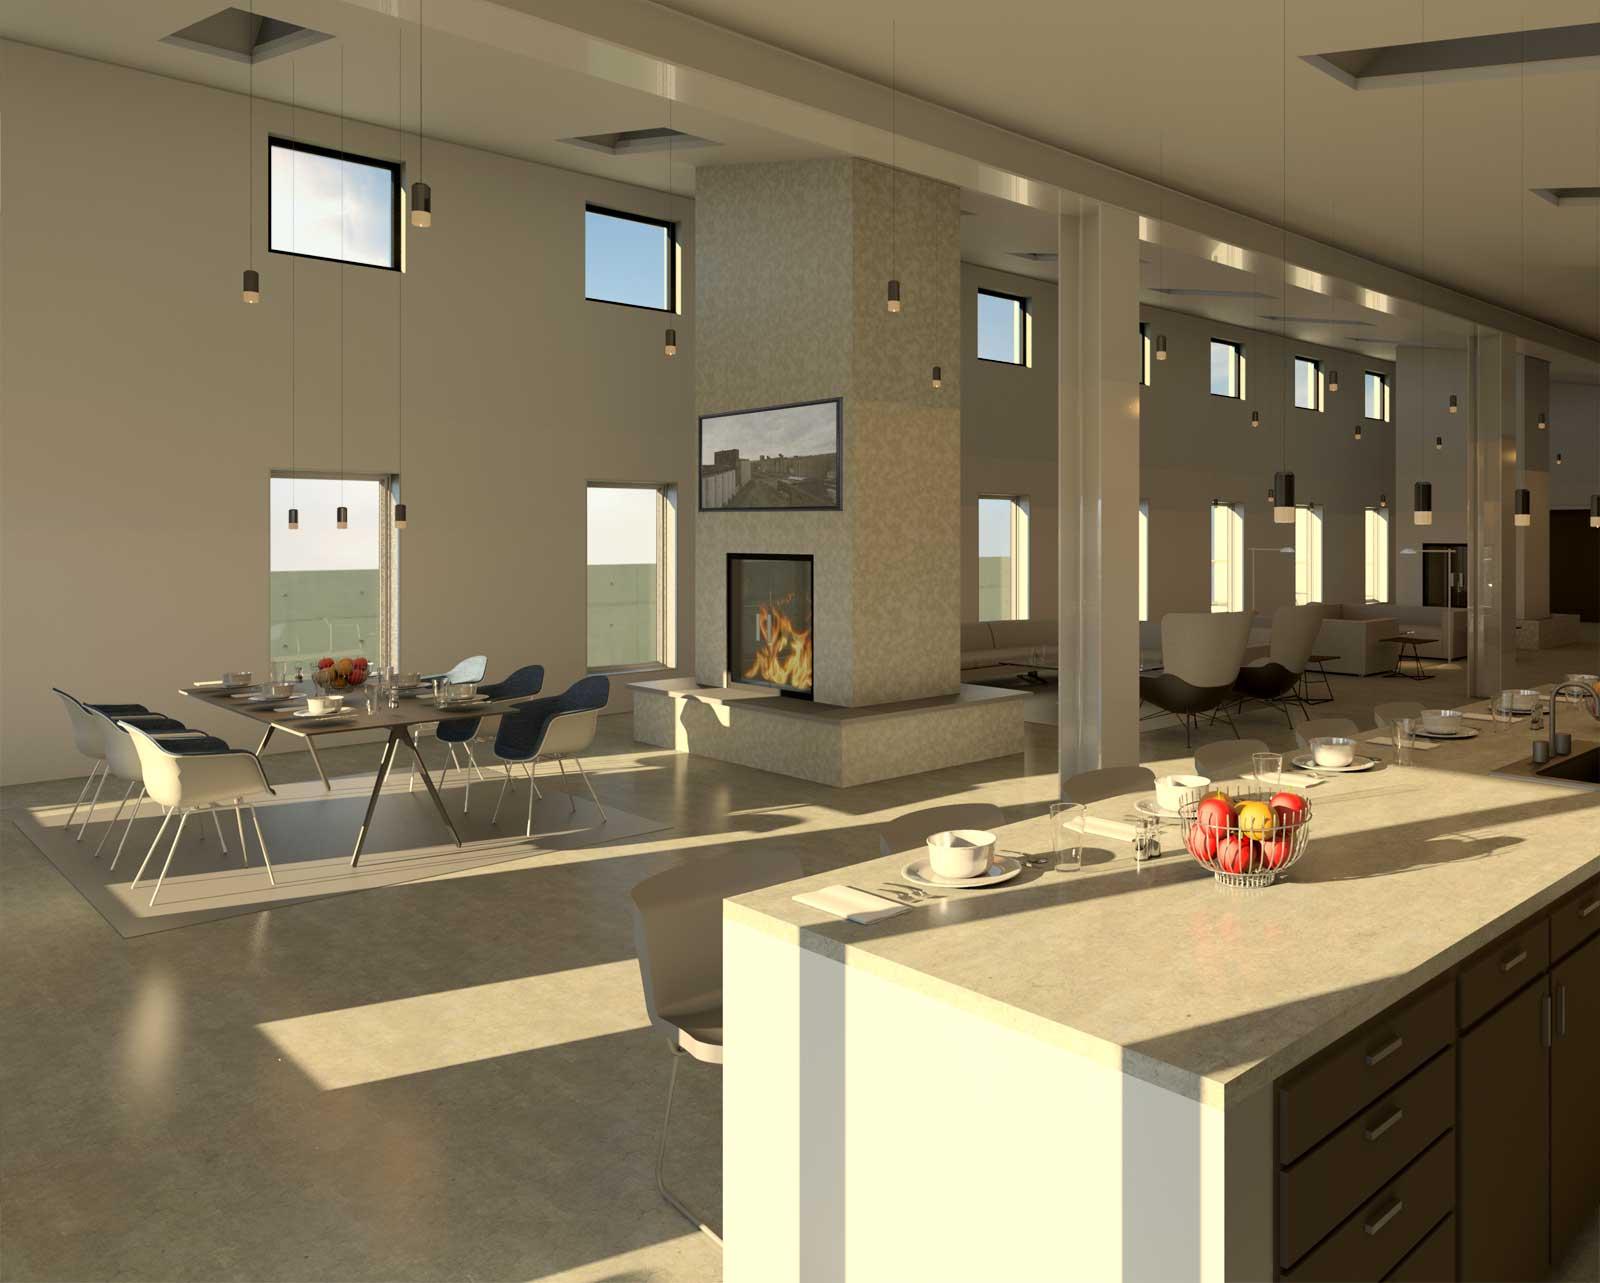 17x30-Interior-Kitchen.jpg